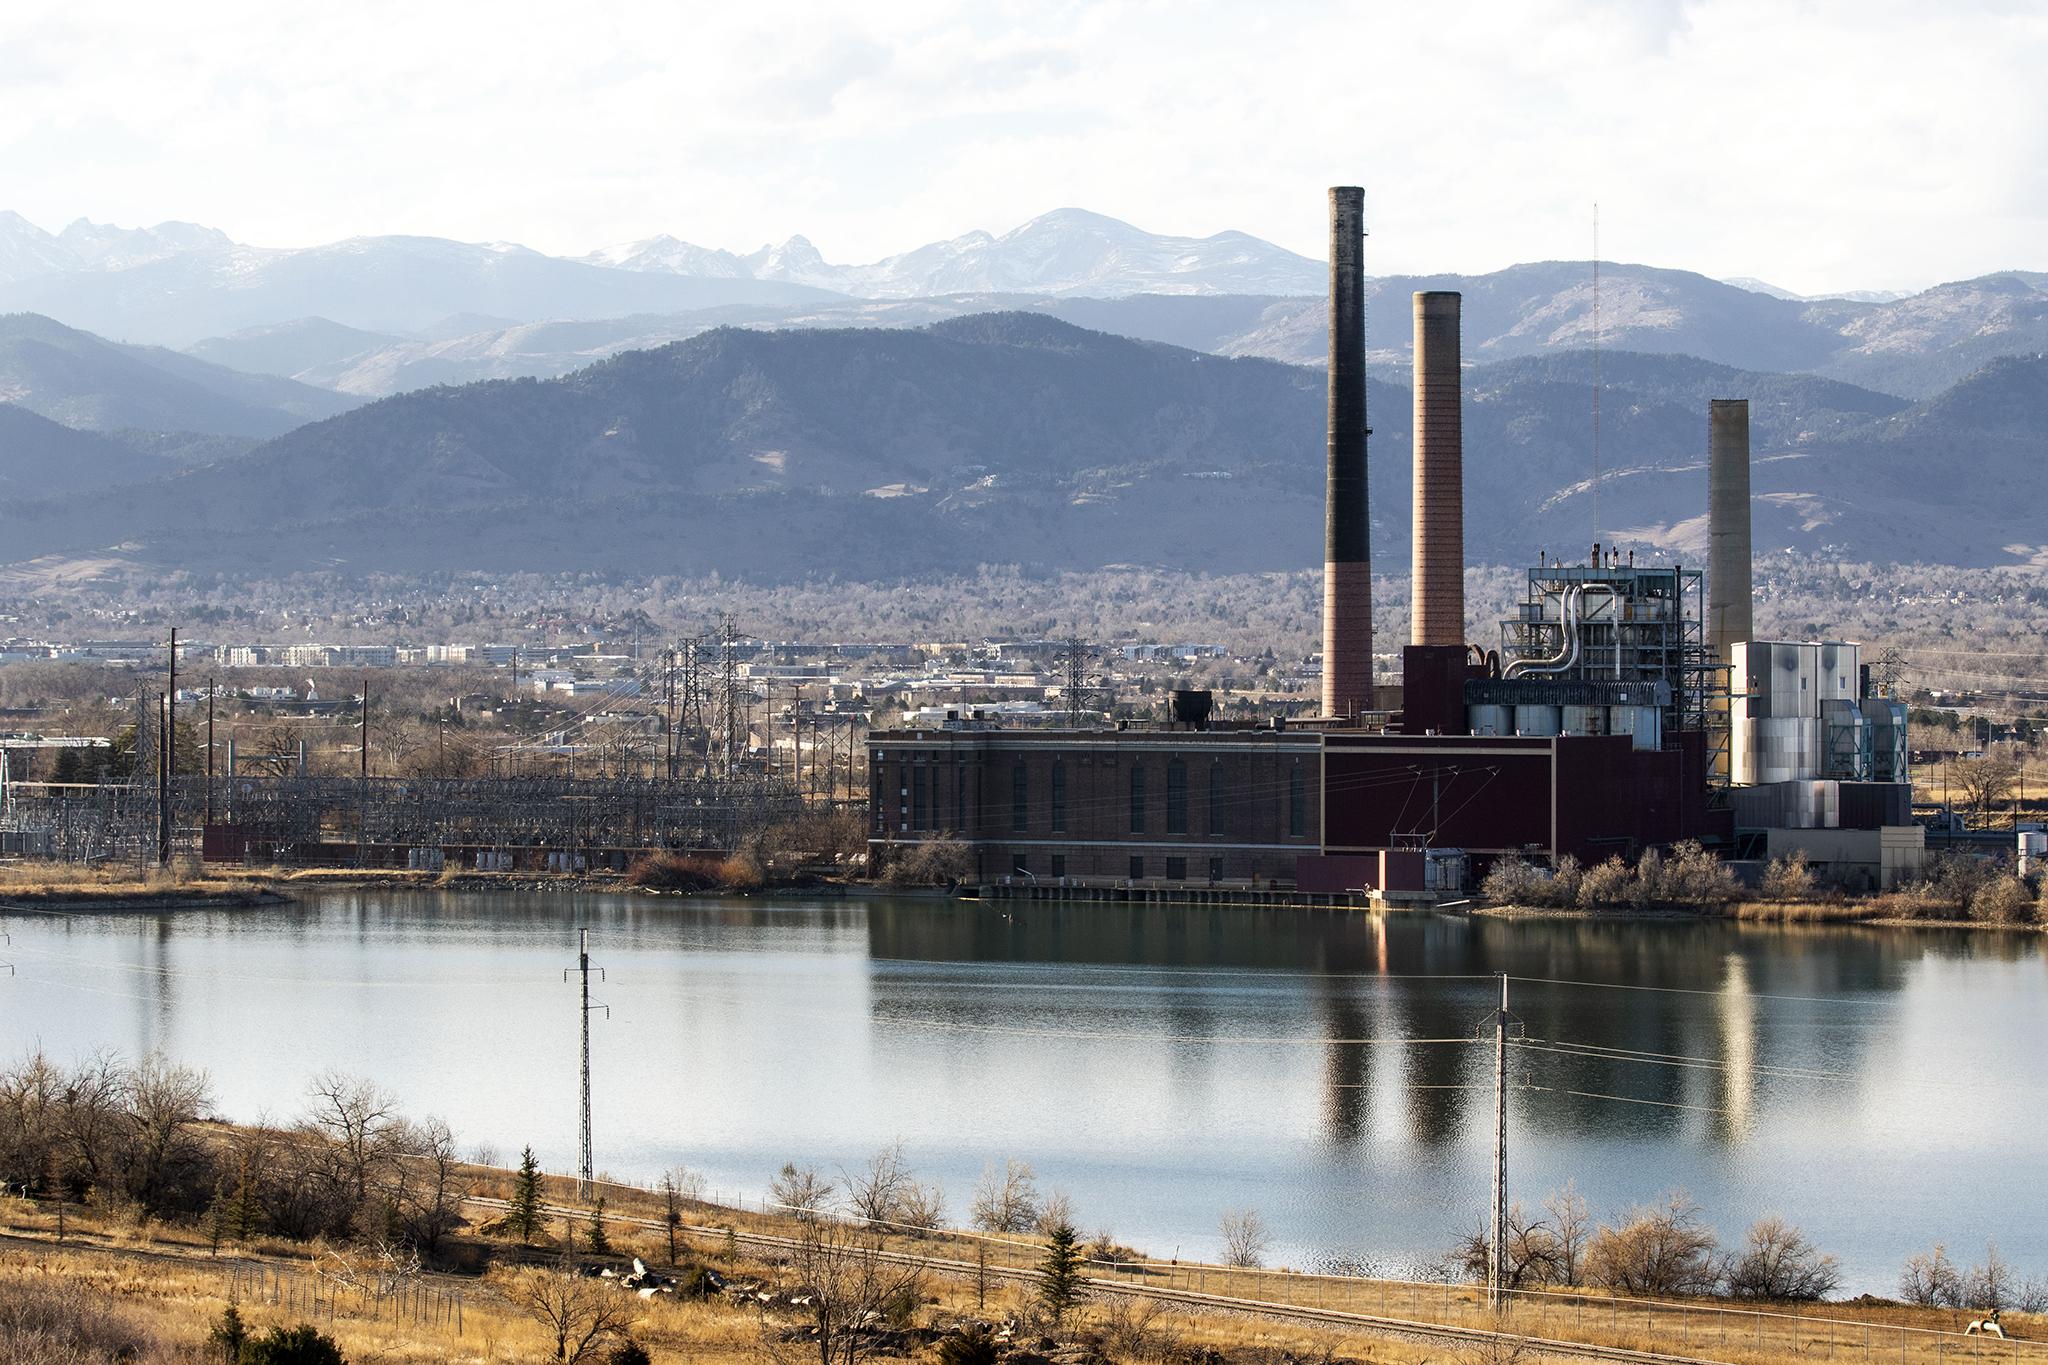 Xcel Energy's Valmont Generating Station in Boulder. Nov. 19, 2020.